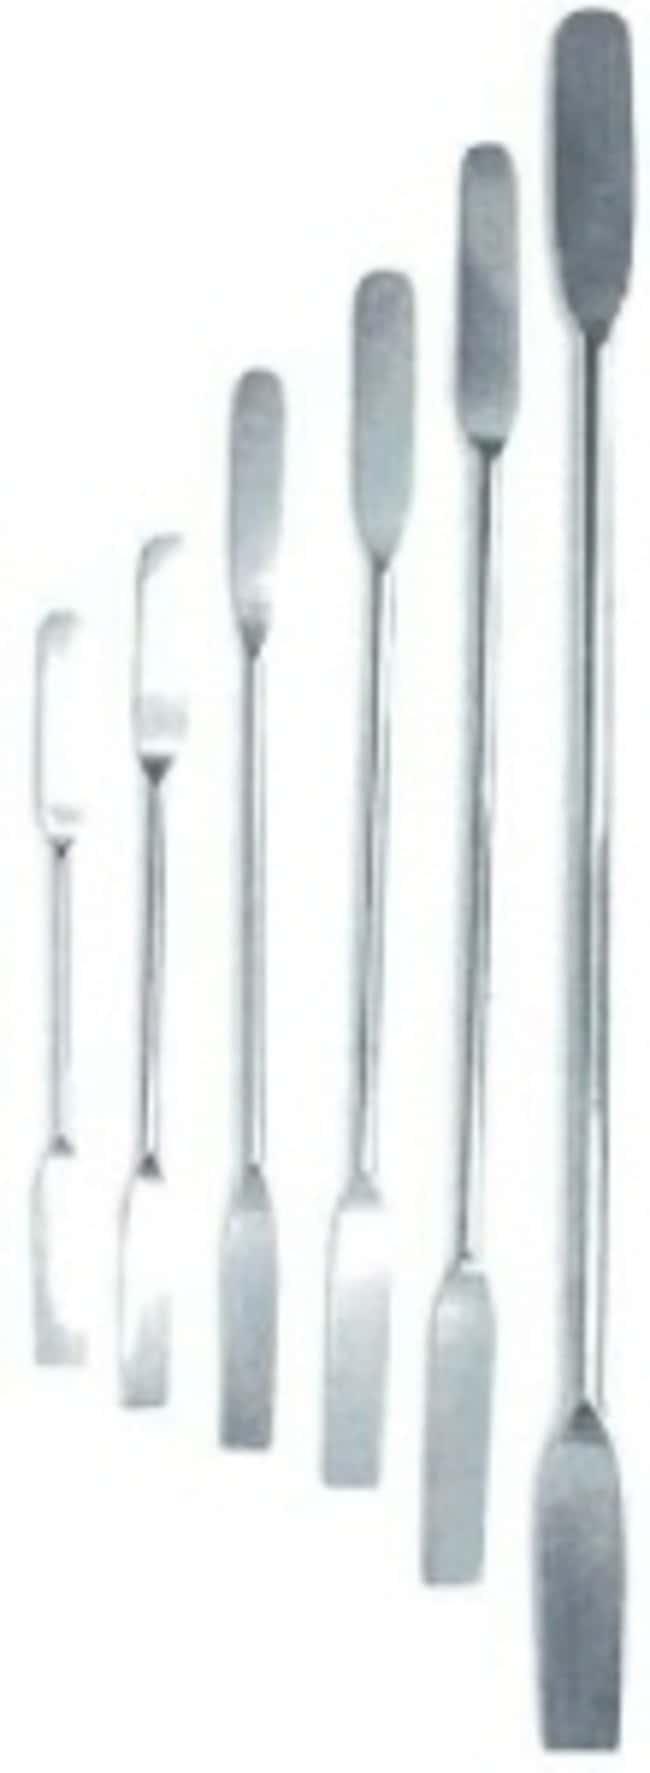 Schneider Gerd™Beidseitiger Spatel Length: 130mm Schneider Gerd™Beidseitiger Spatel